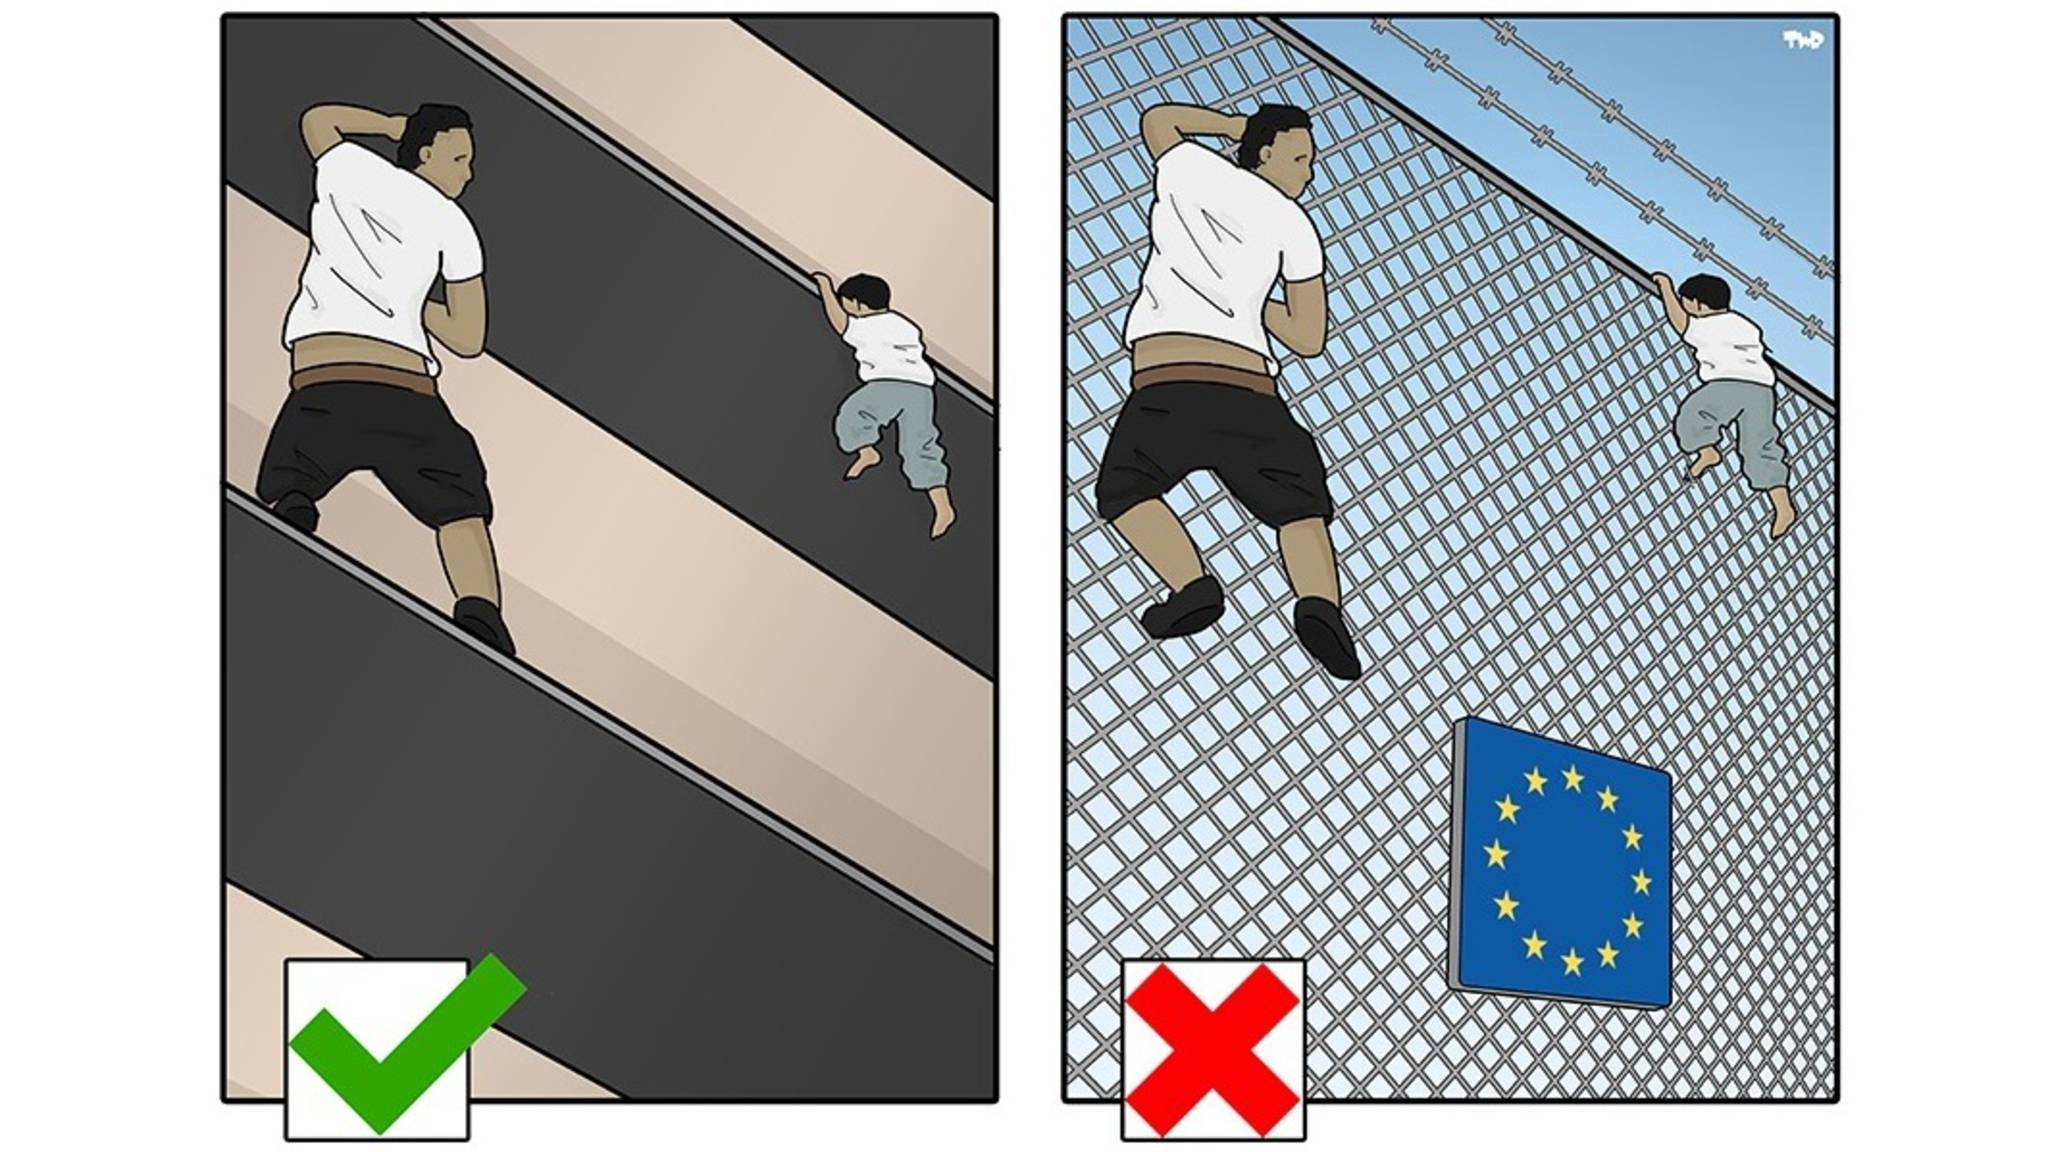 'Good migrant, bad migrant?' Cartoon by Tjeerd Royaards